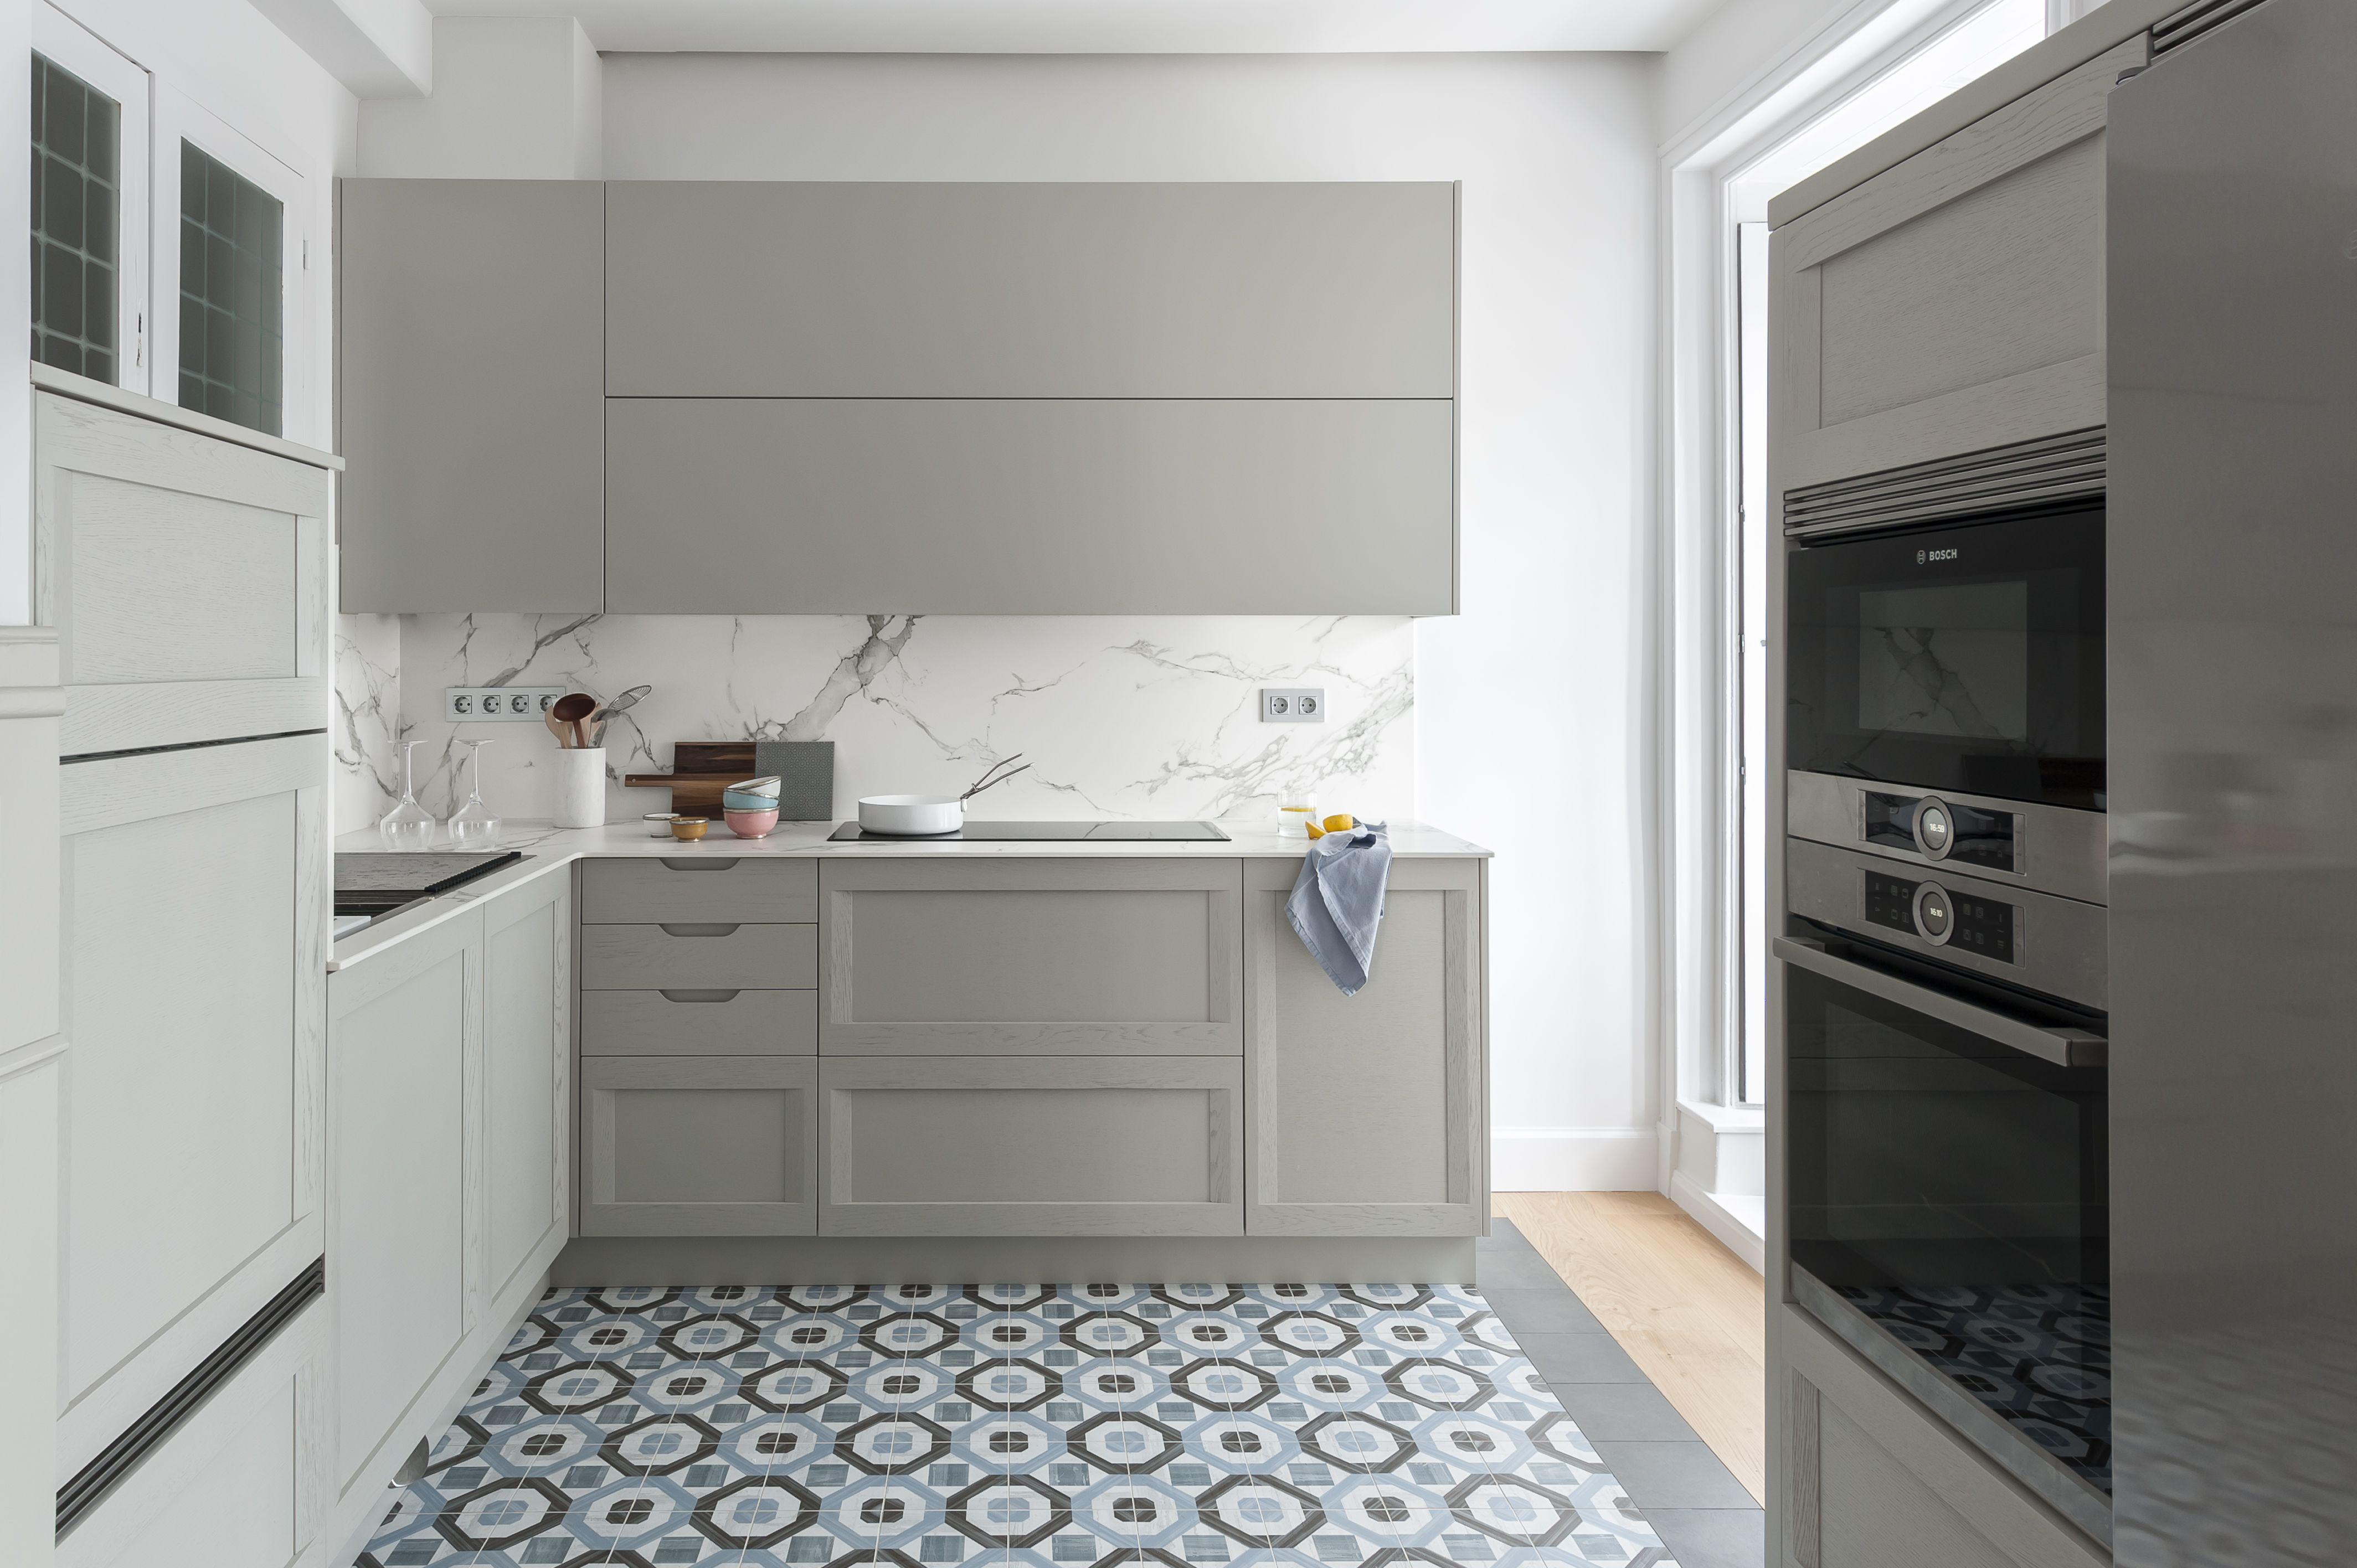 Cocina Madera Y Suelo Hidraulico Cementine De Fioranese Suelos De Vinilo Para Cocina Muebles De Cocina Color Muebles De Cocina